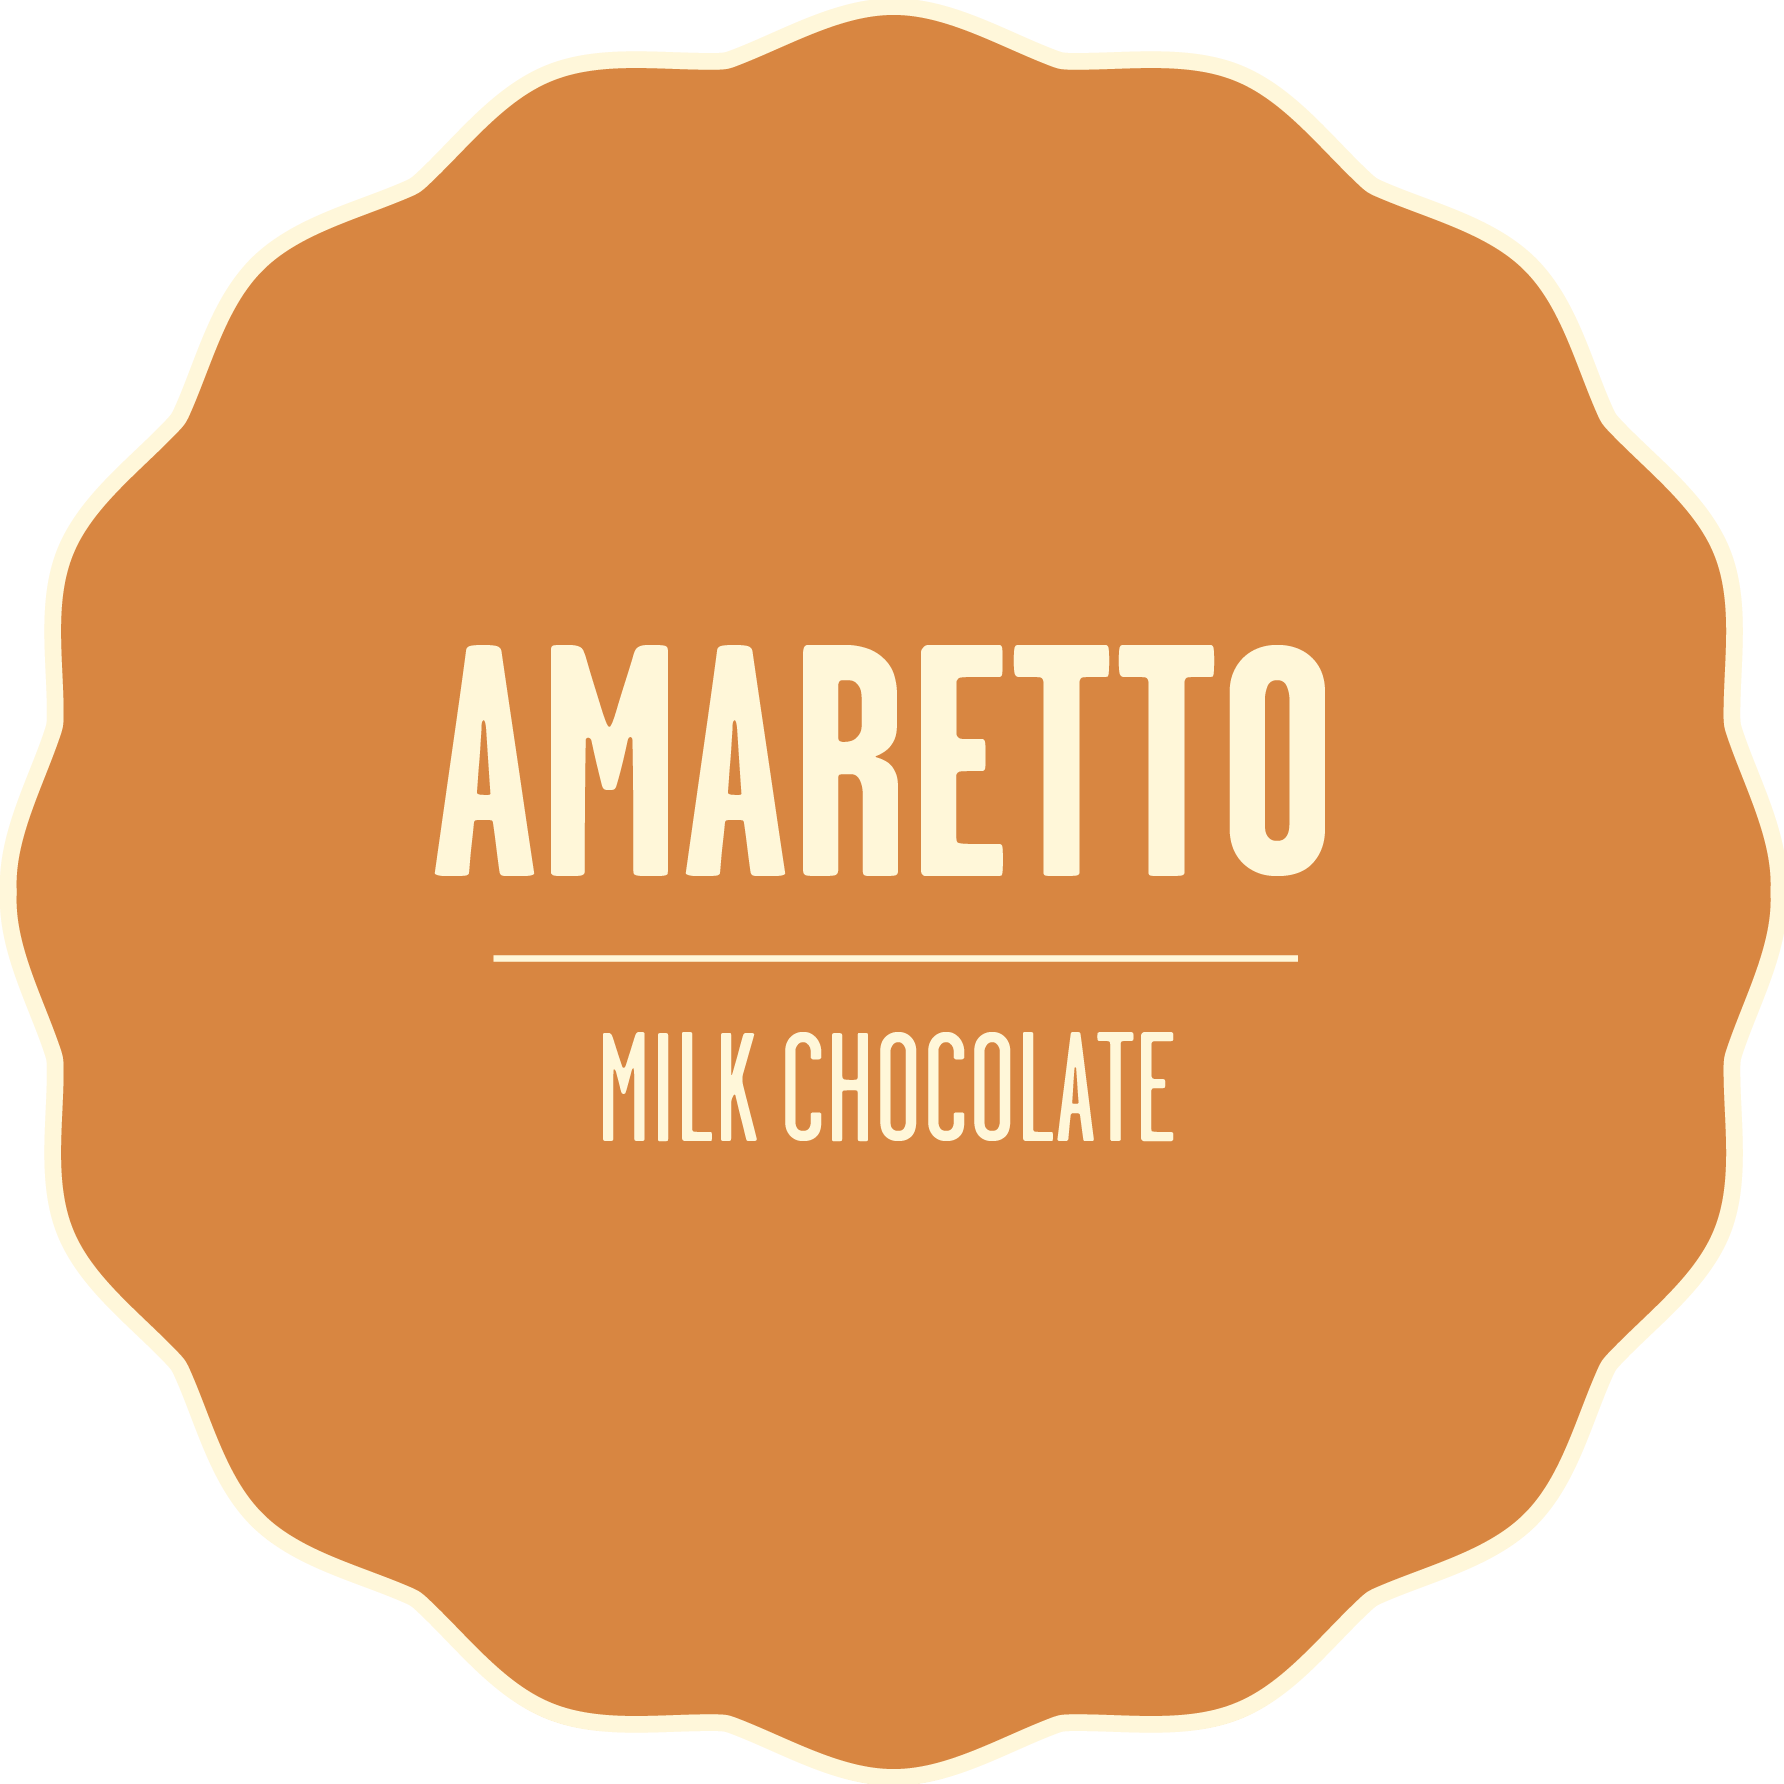 Milk chocolate amaretto 2x %281%29 beige